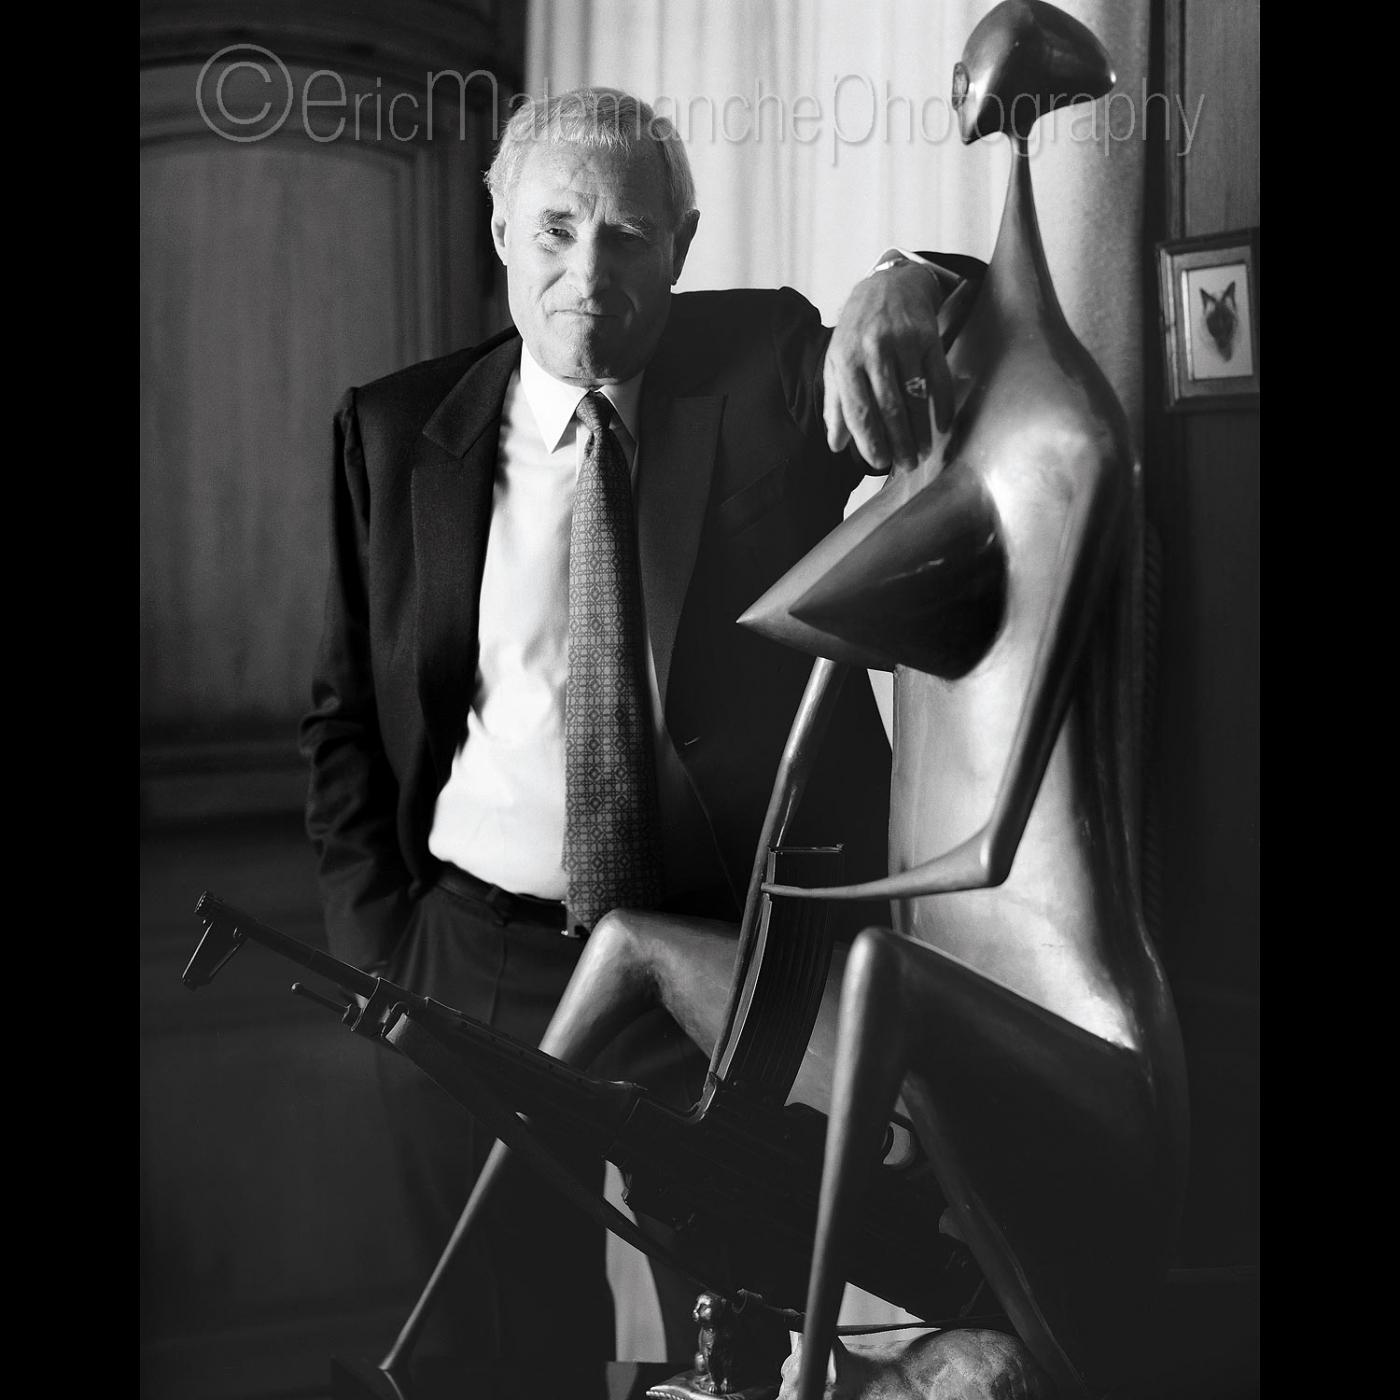 https://www.ericmalemanche.com/imagess/topics/audemars-piguet-30-ans-de-la-royal-oak/liste/Gerard-de-Villiers.jpg